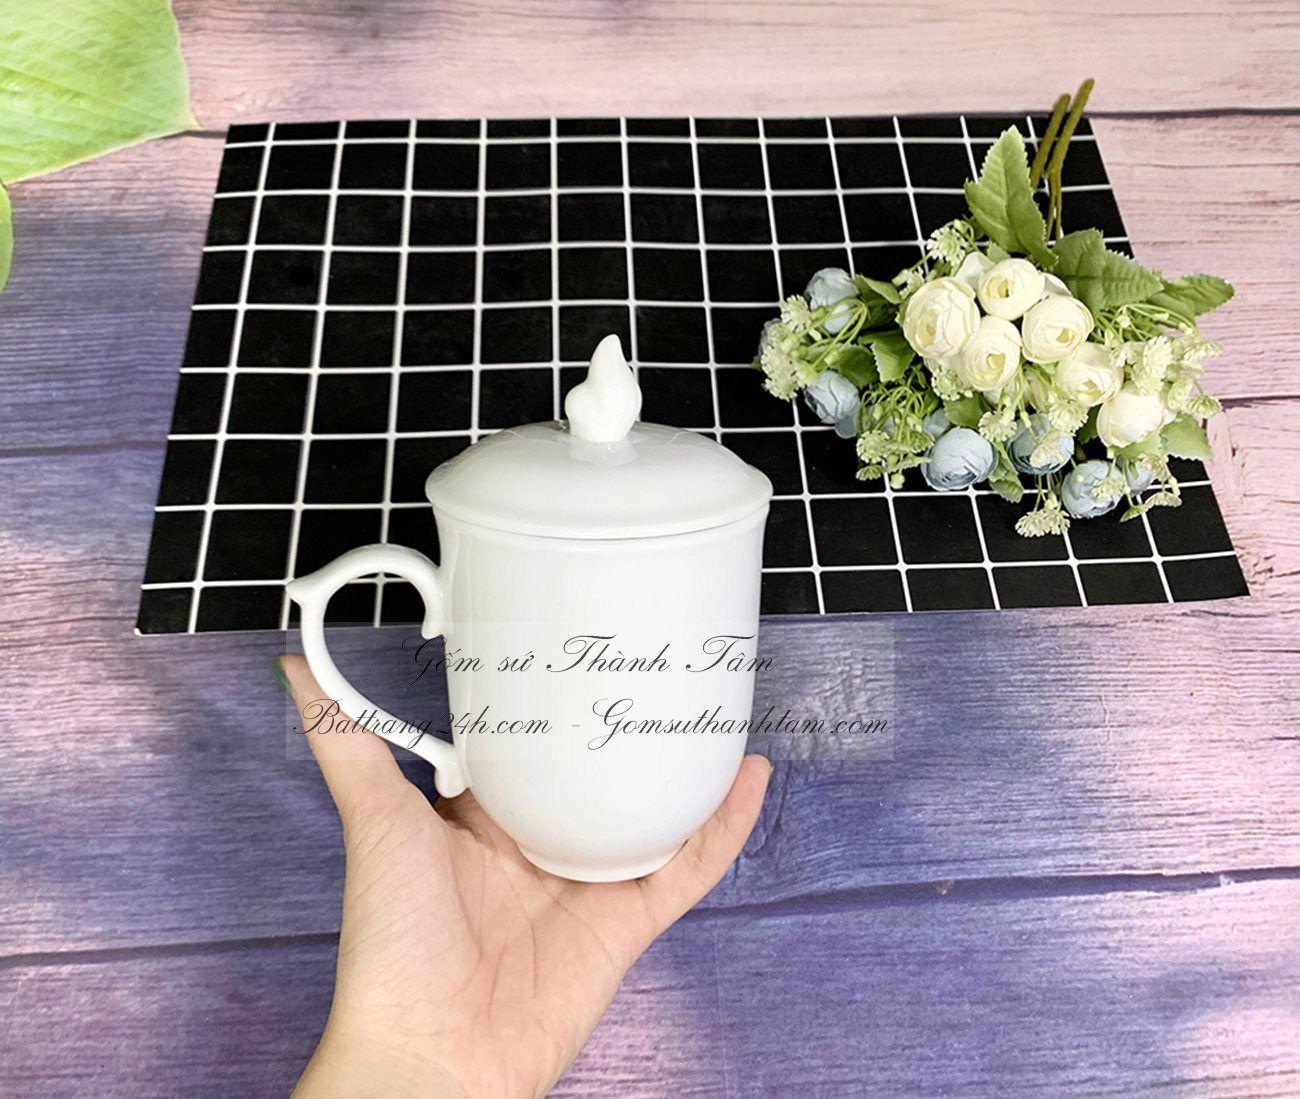 Có rất nhiều mẫu ly sứ quà tặng cho bạn lựa chọn làm quà tết tại Battrang24h